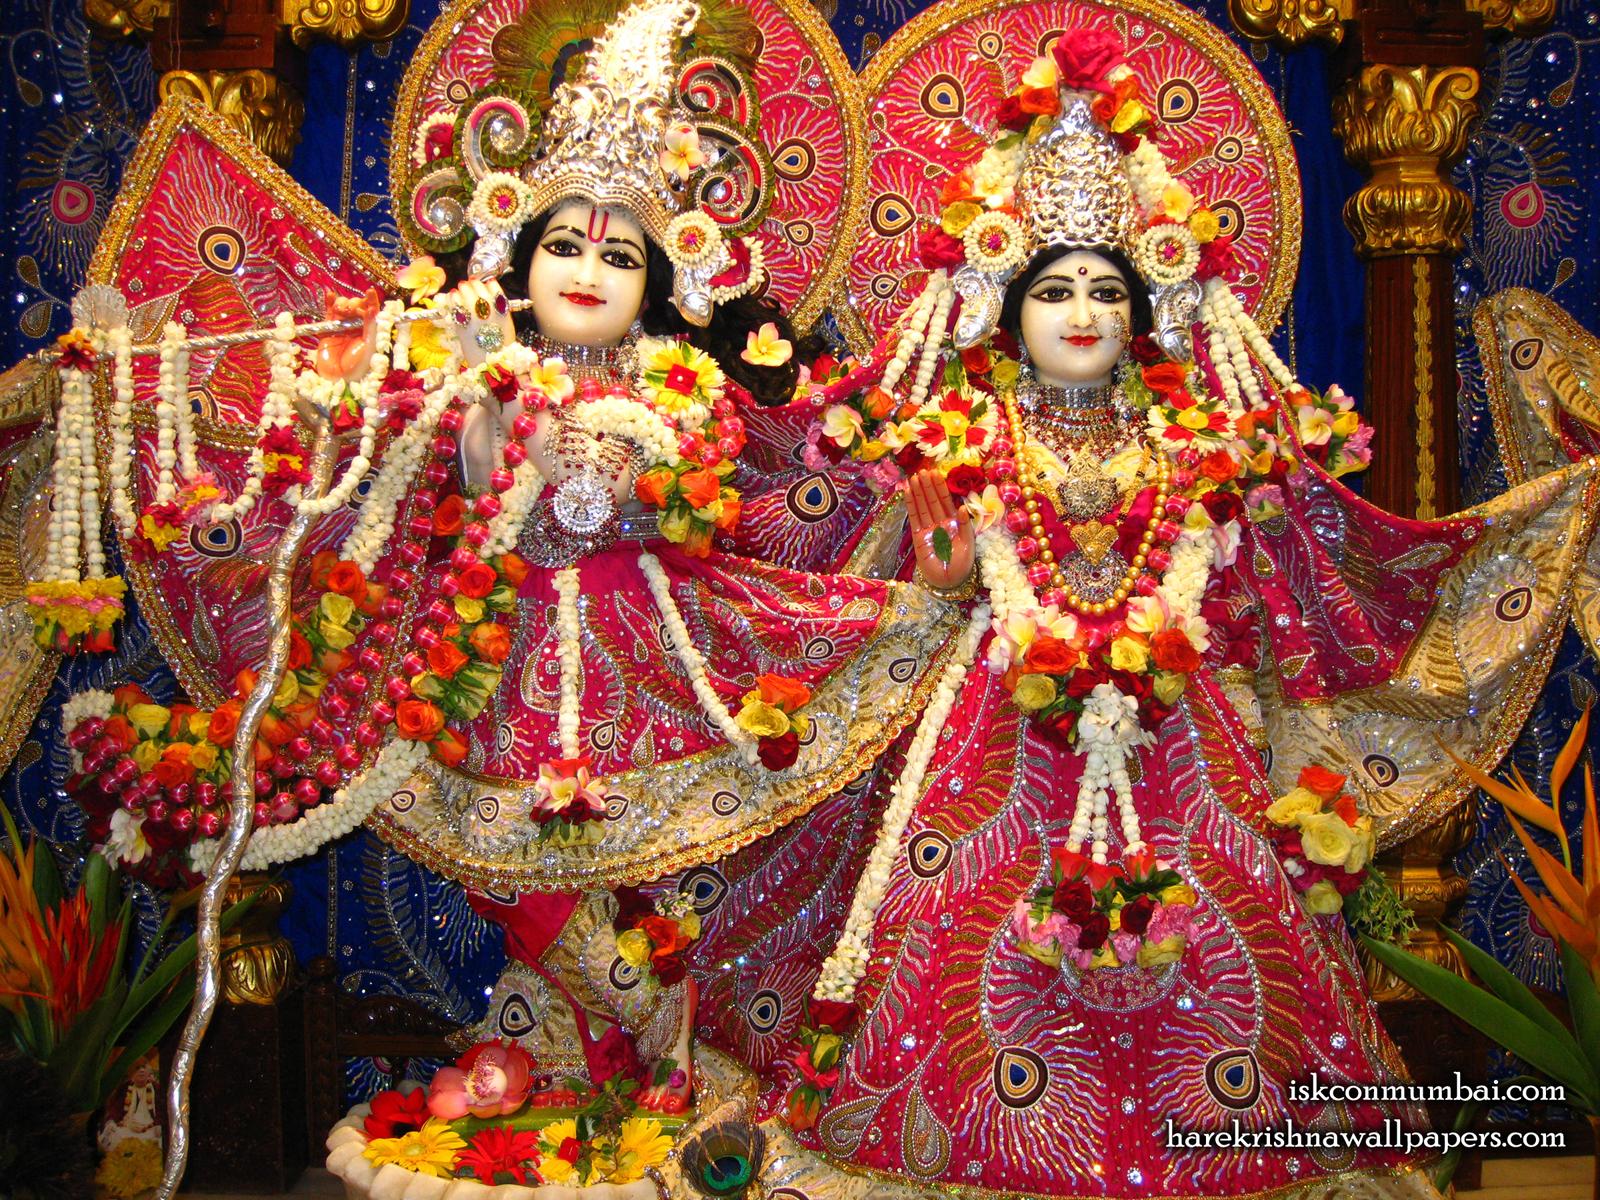 Sri Sri Radha Rasabihari Wallpaper (009) Size1600x1200 Download